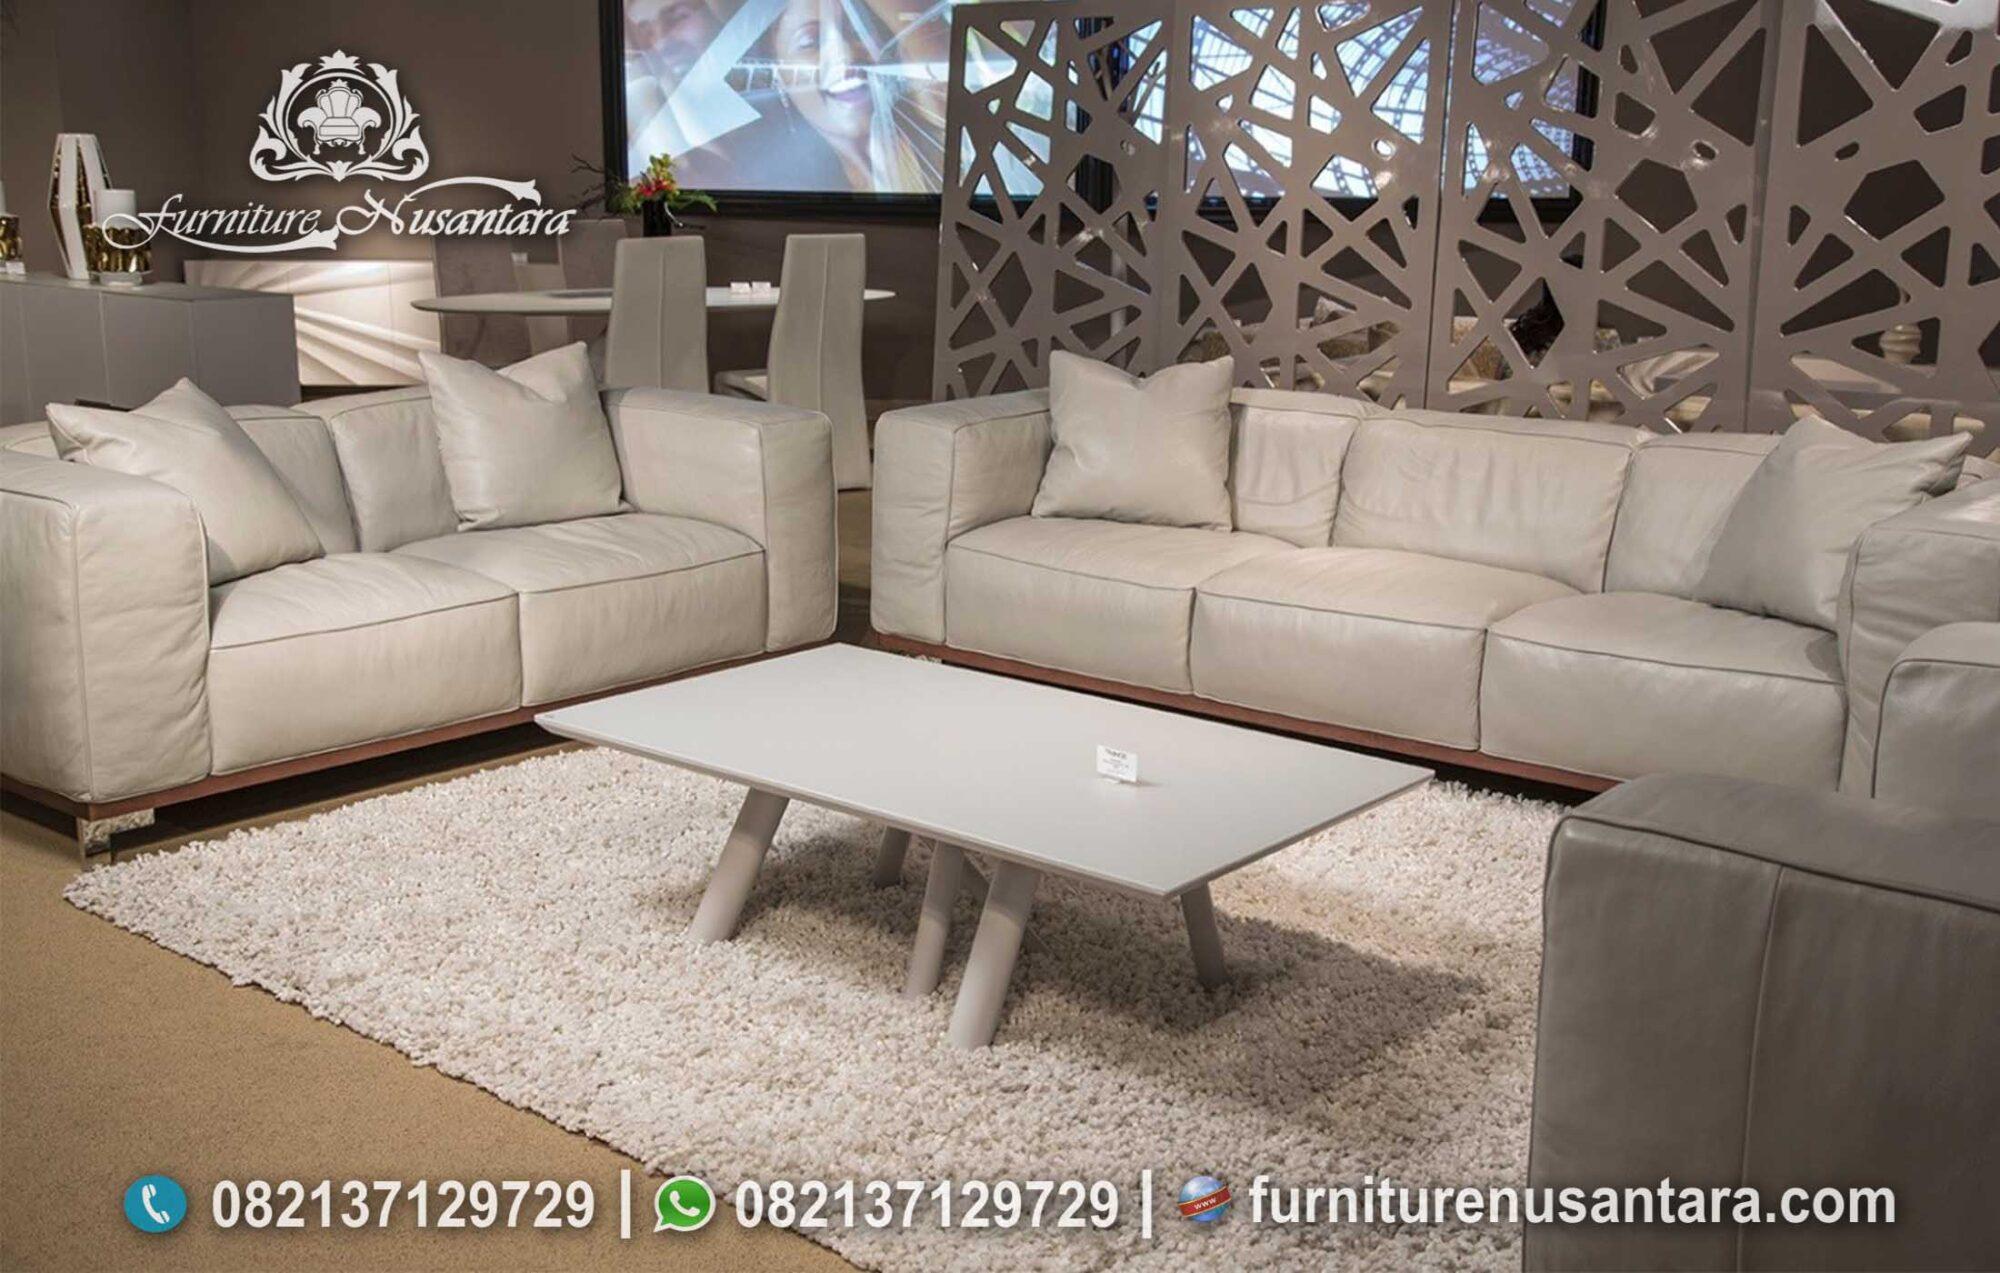 Sofa Minimalis Modern Murah Dan Nyaman ST-100, Furniture Nusantara